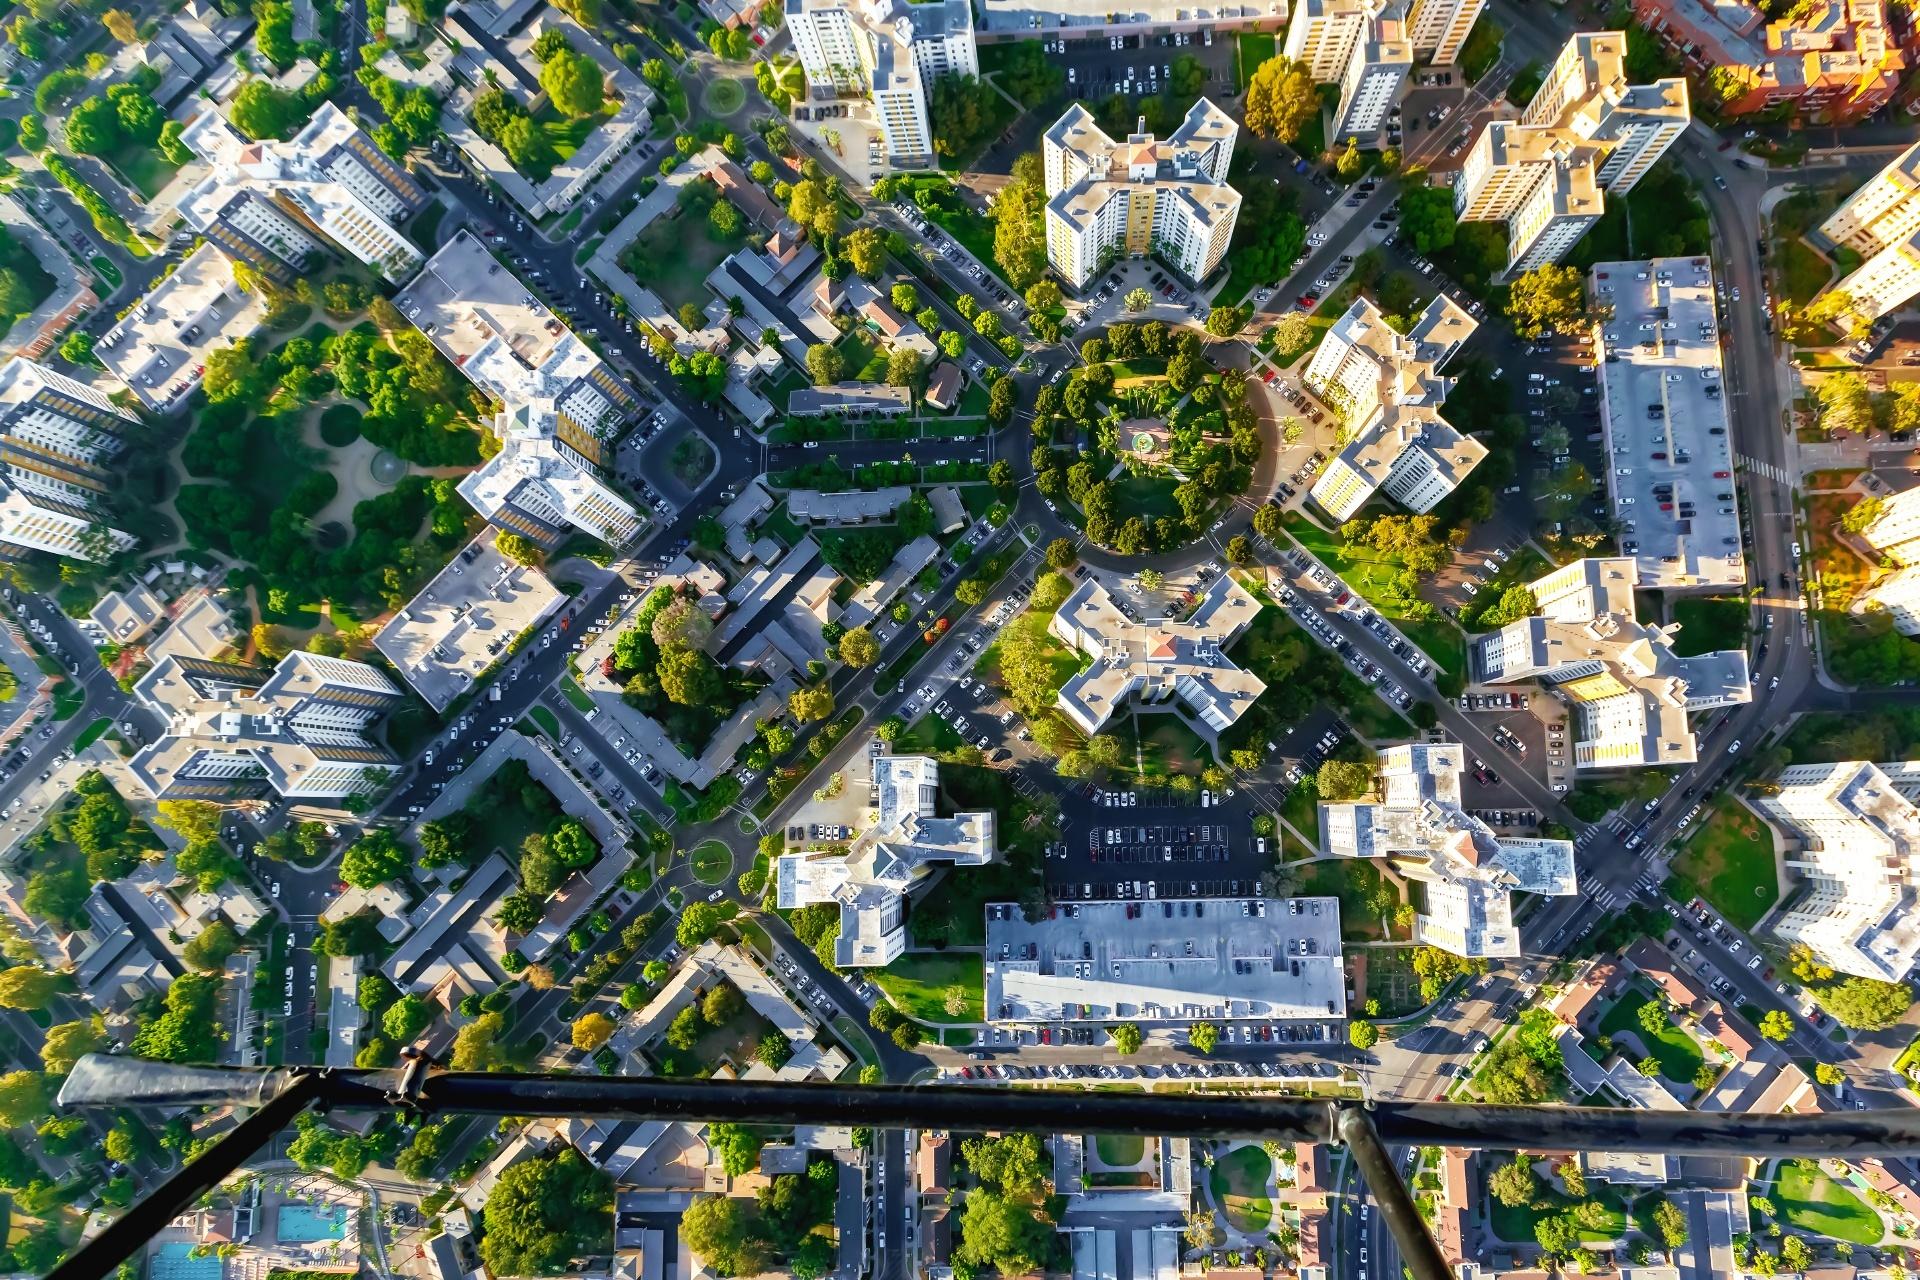 ウィルシェア・ブールバード近くのビル群 ロサンゼルスの風景